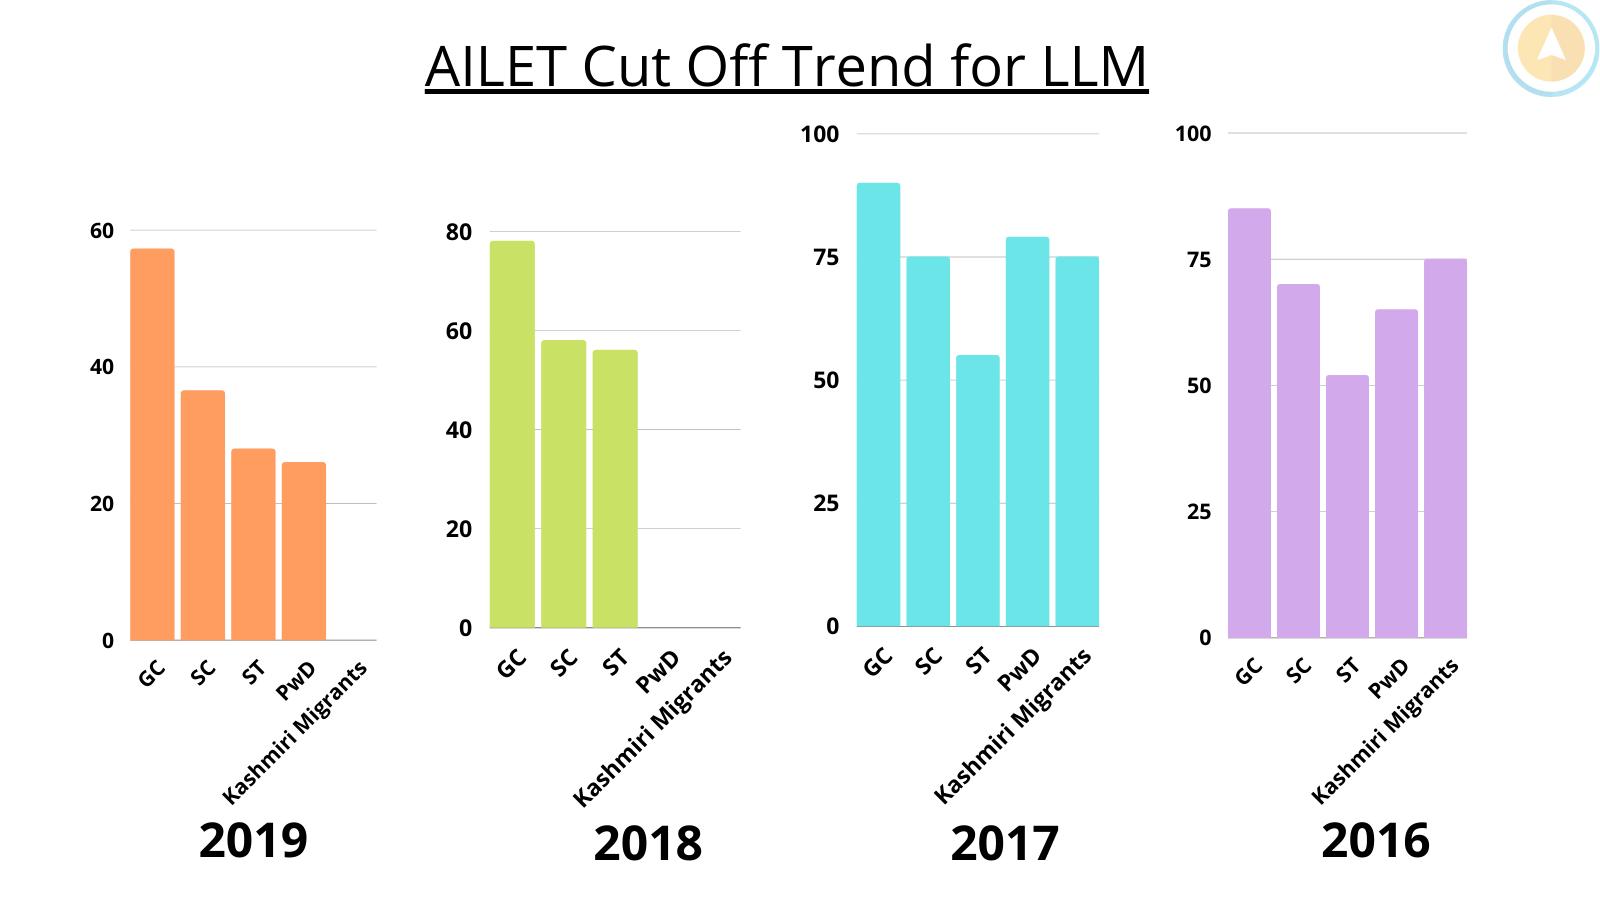 AILET LLM cut off